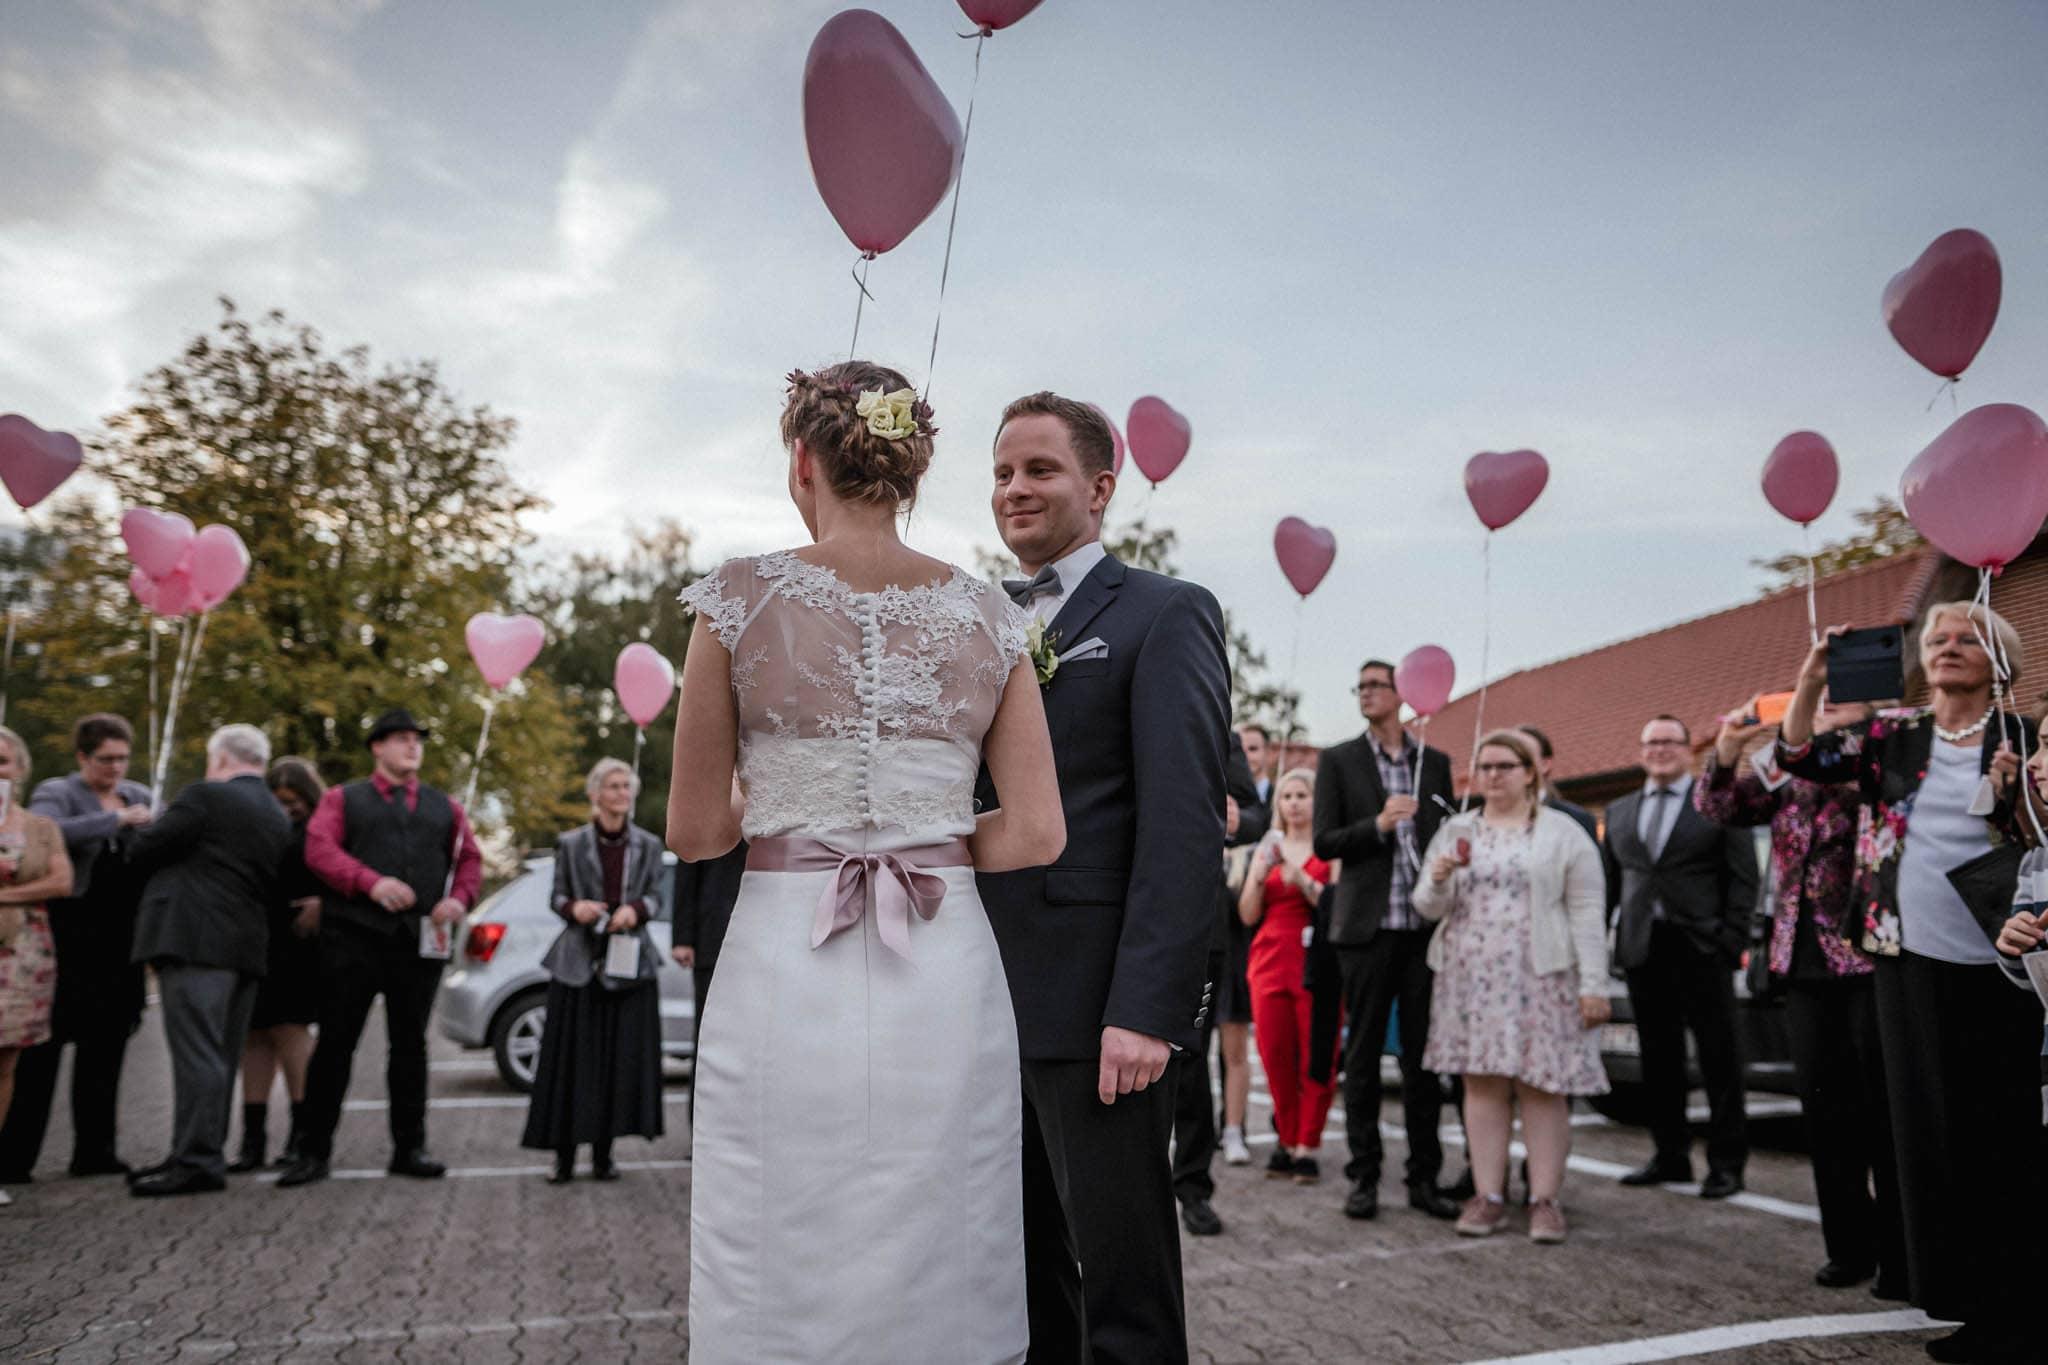 Hochzeitsfieber by Photo-Schomburg, Hochzeitsfotograf, Hamburg,Bremen, wedding, Hochzeitsshooting, Hochzeitstag-84